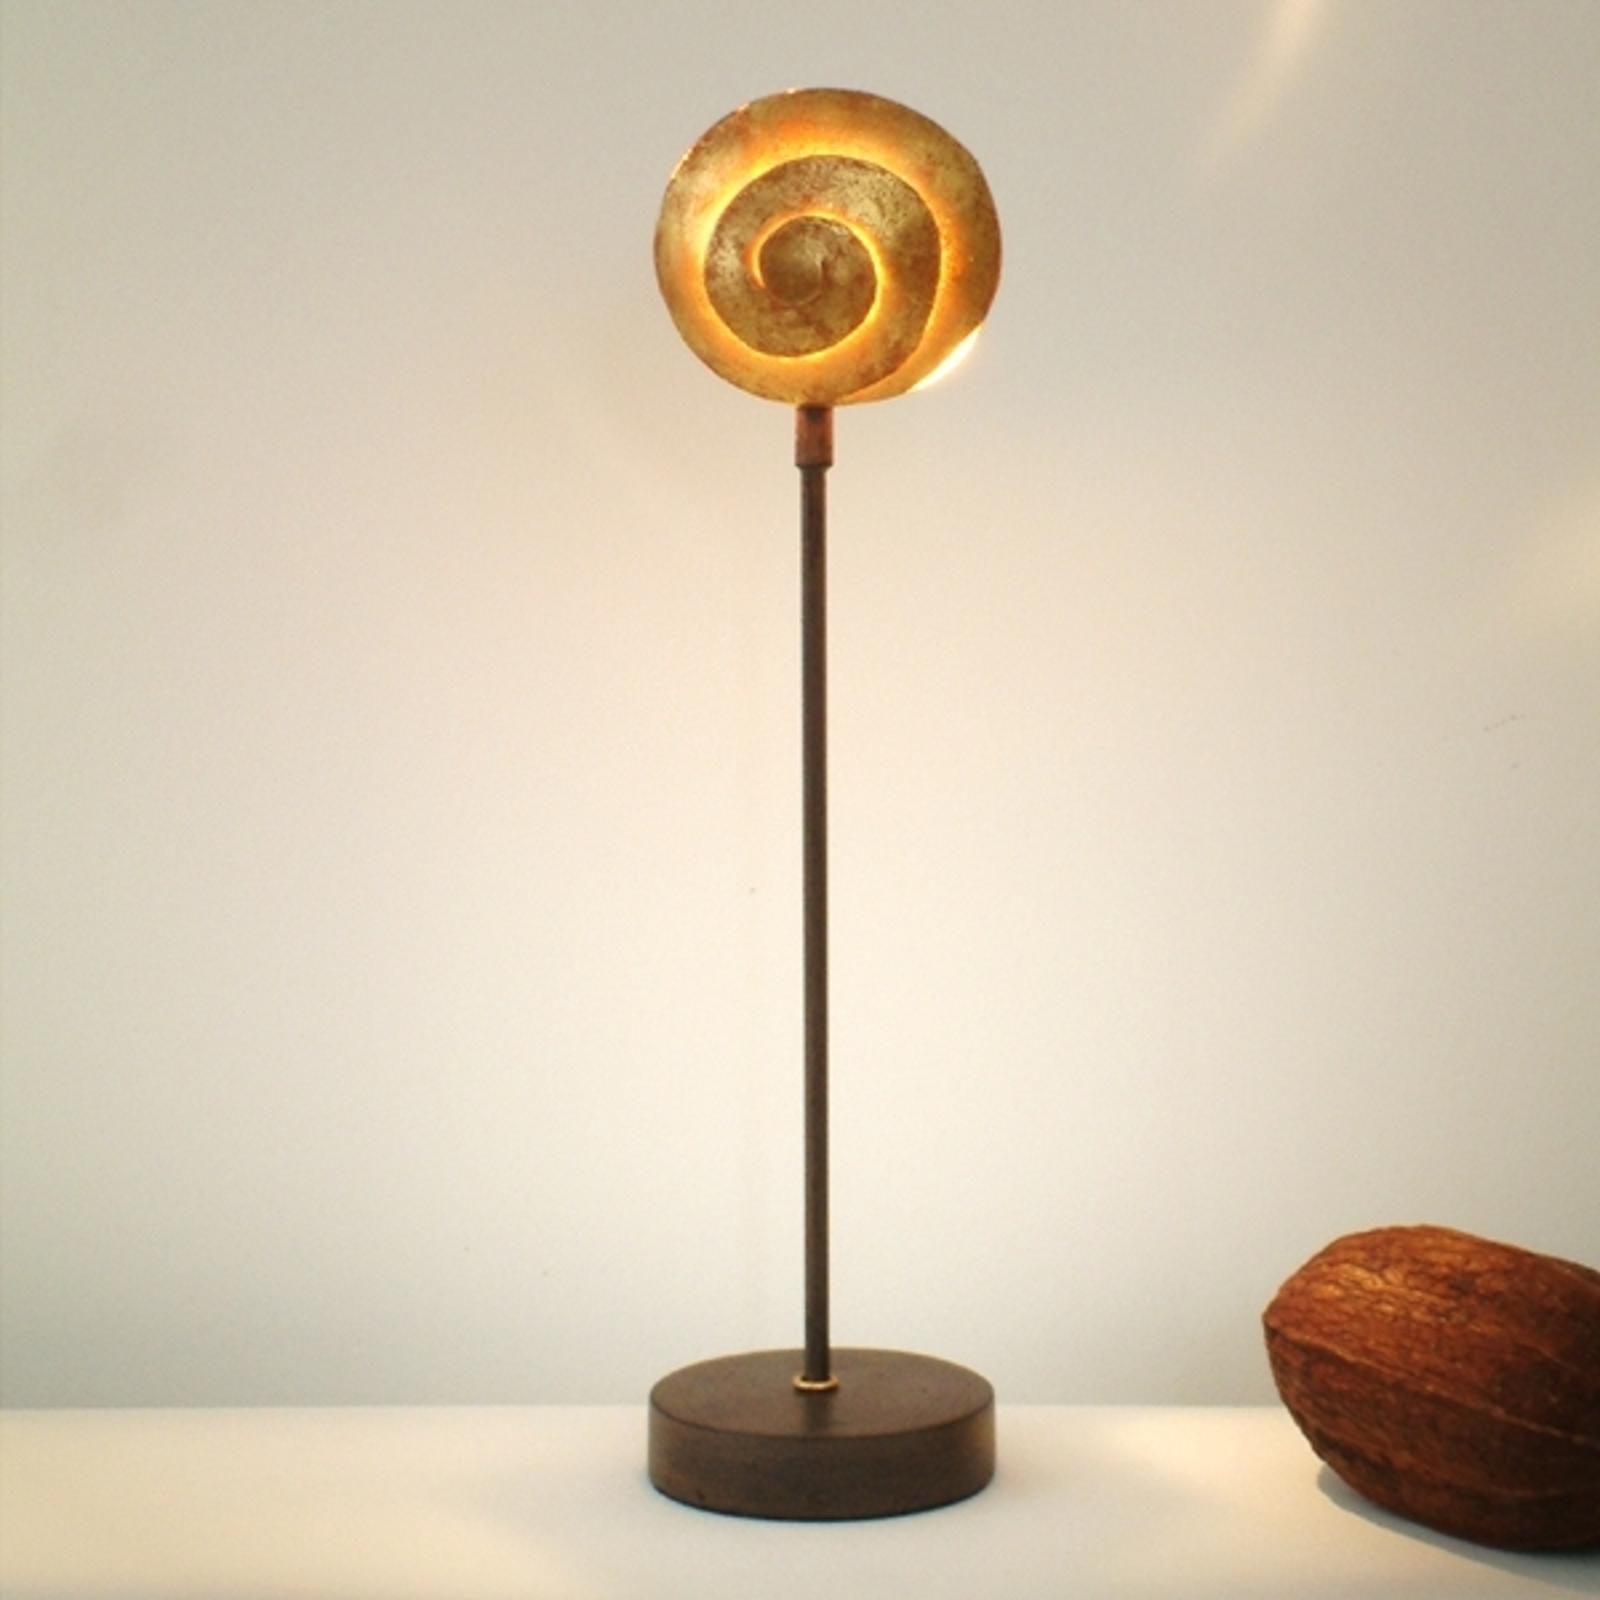 Mooie ijzeren tafellamp Schnecke Gold